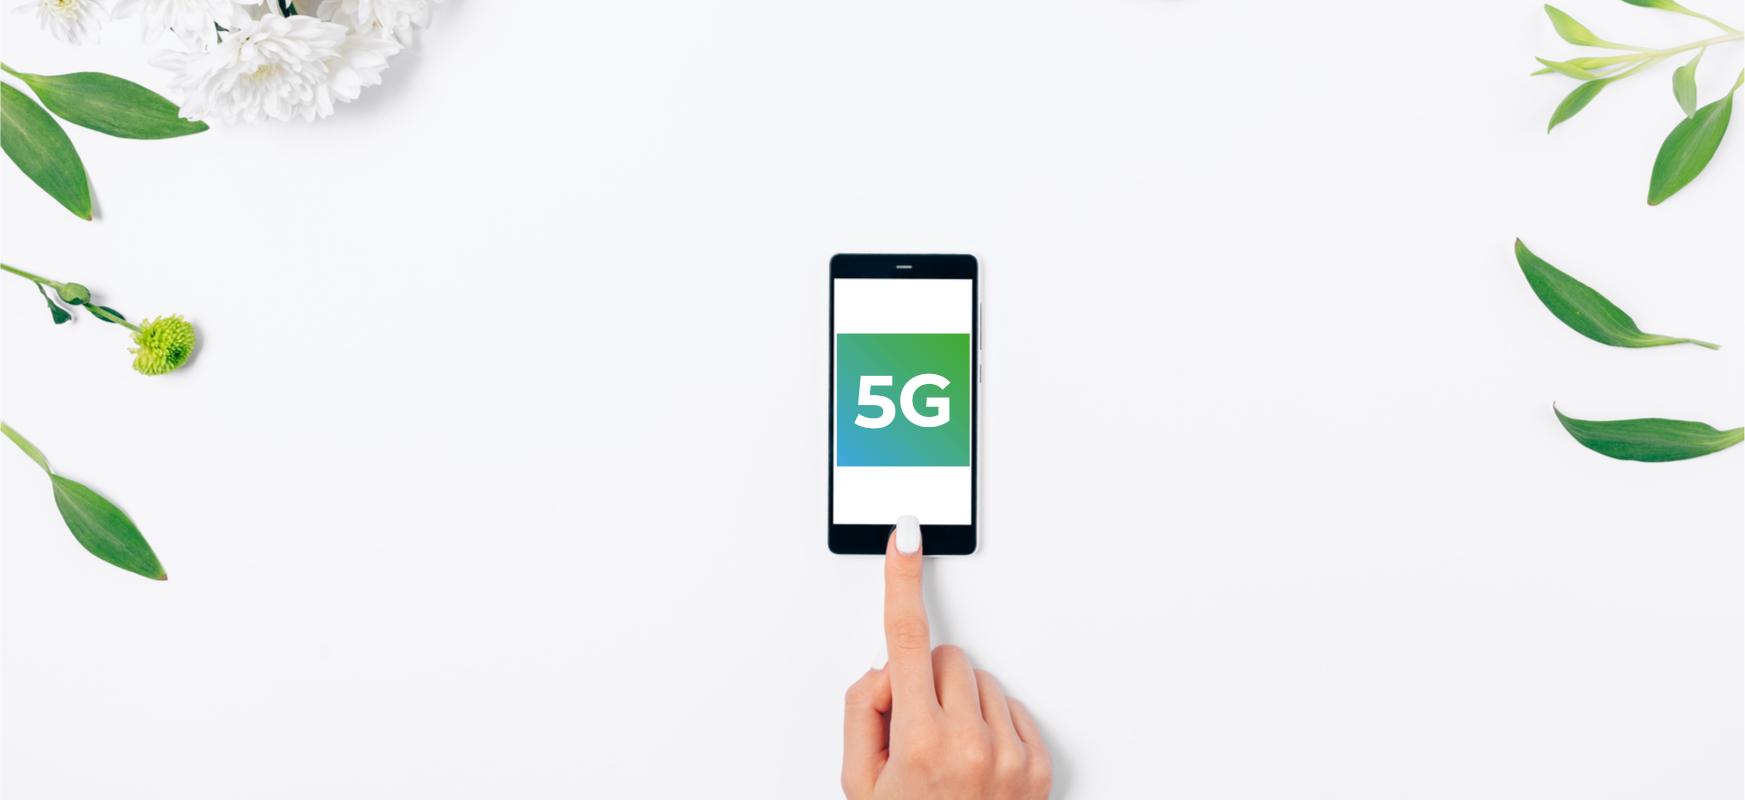 5G gaurtik aurrera Polonian, baina poloniarrek aukeratu behar dute - 5G edo Google Zerbitzuak